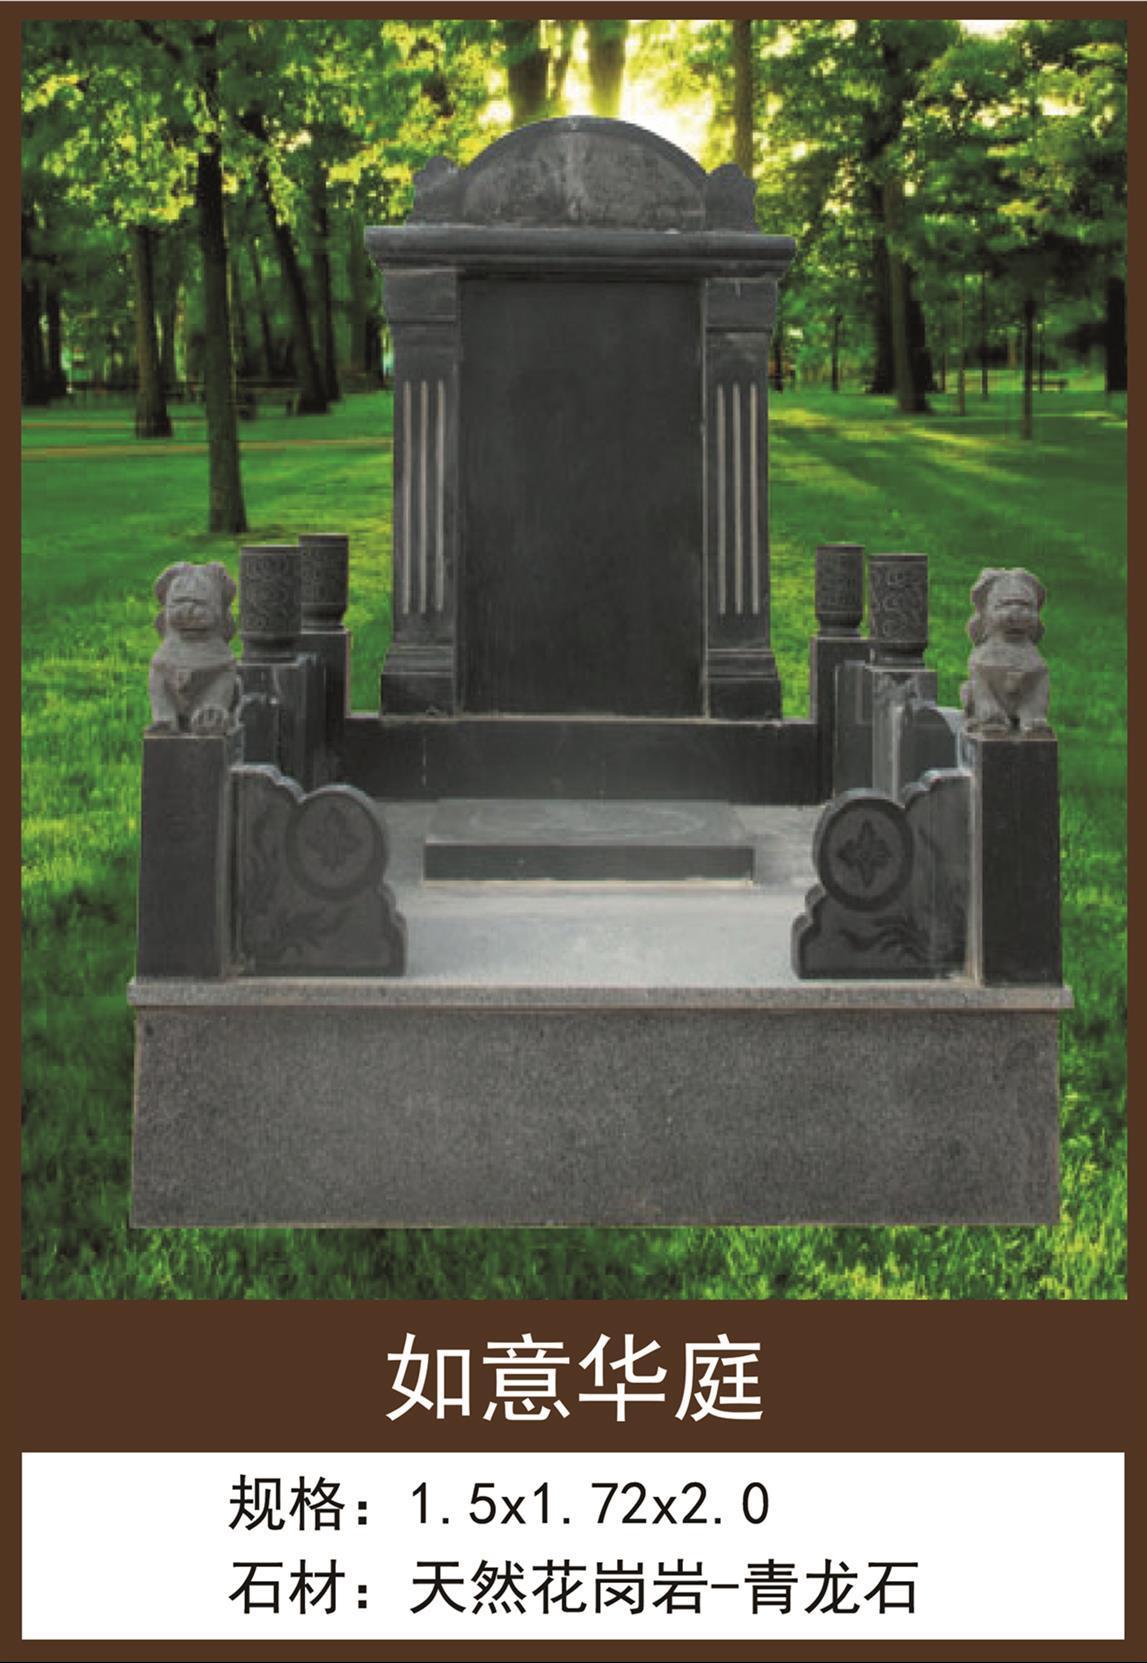 墓地销售费用